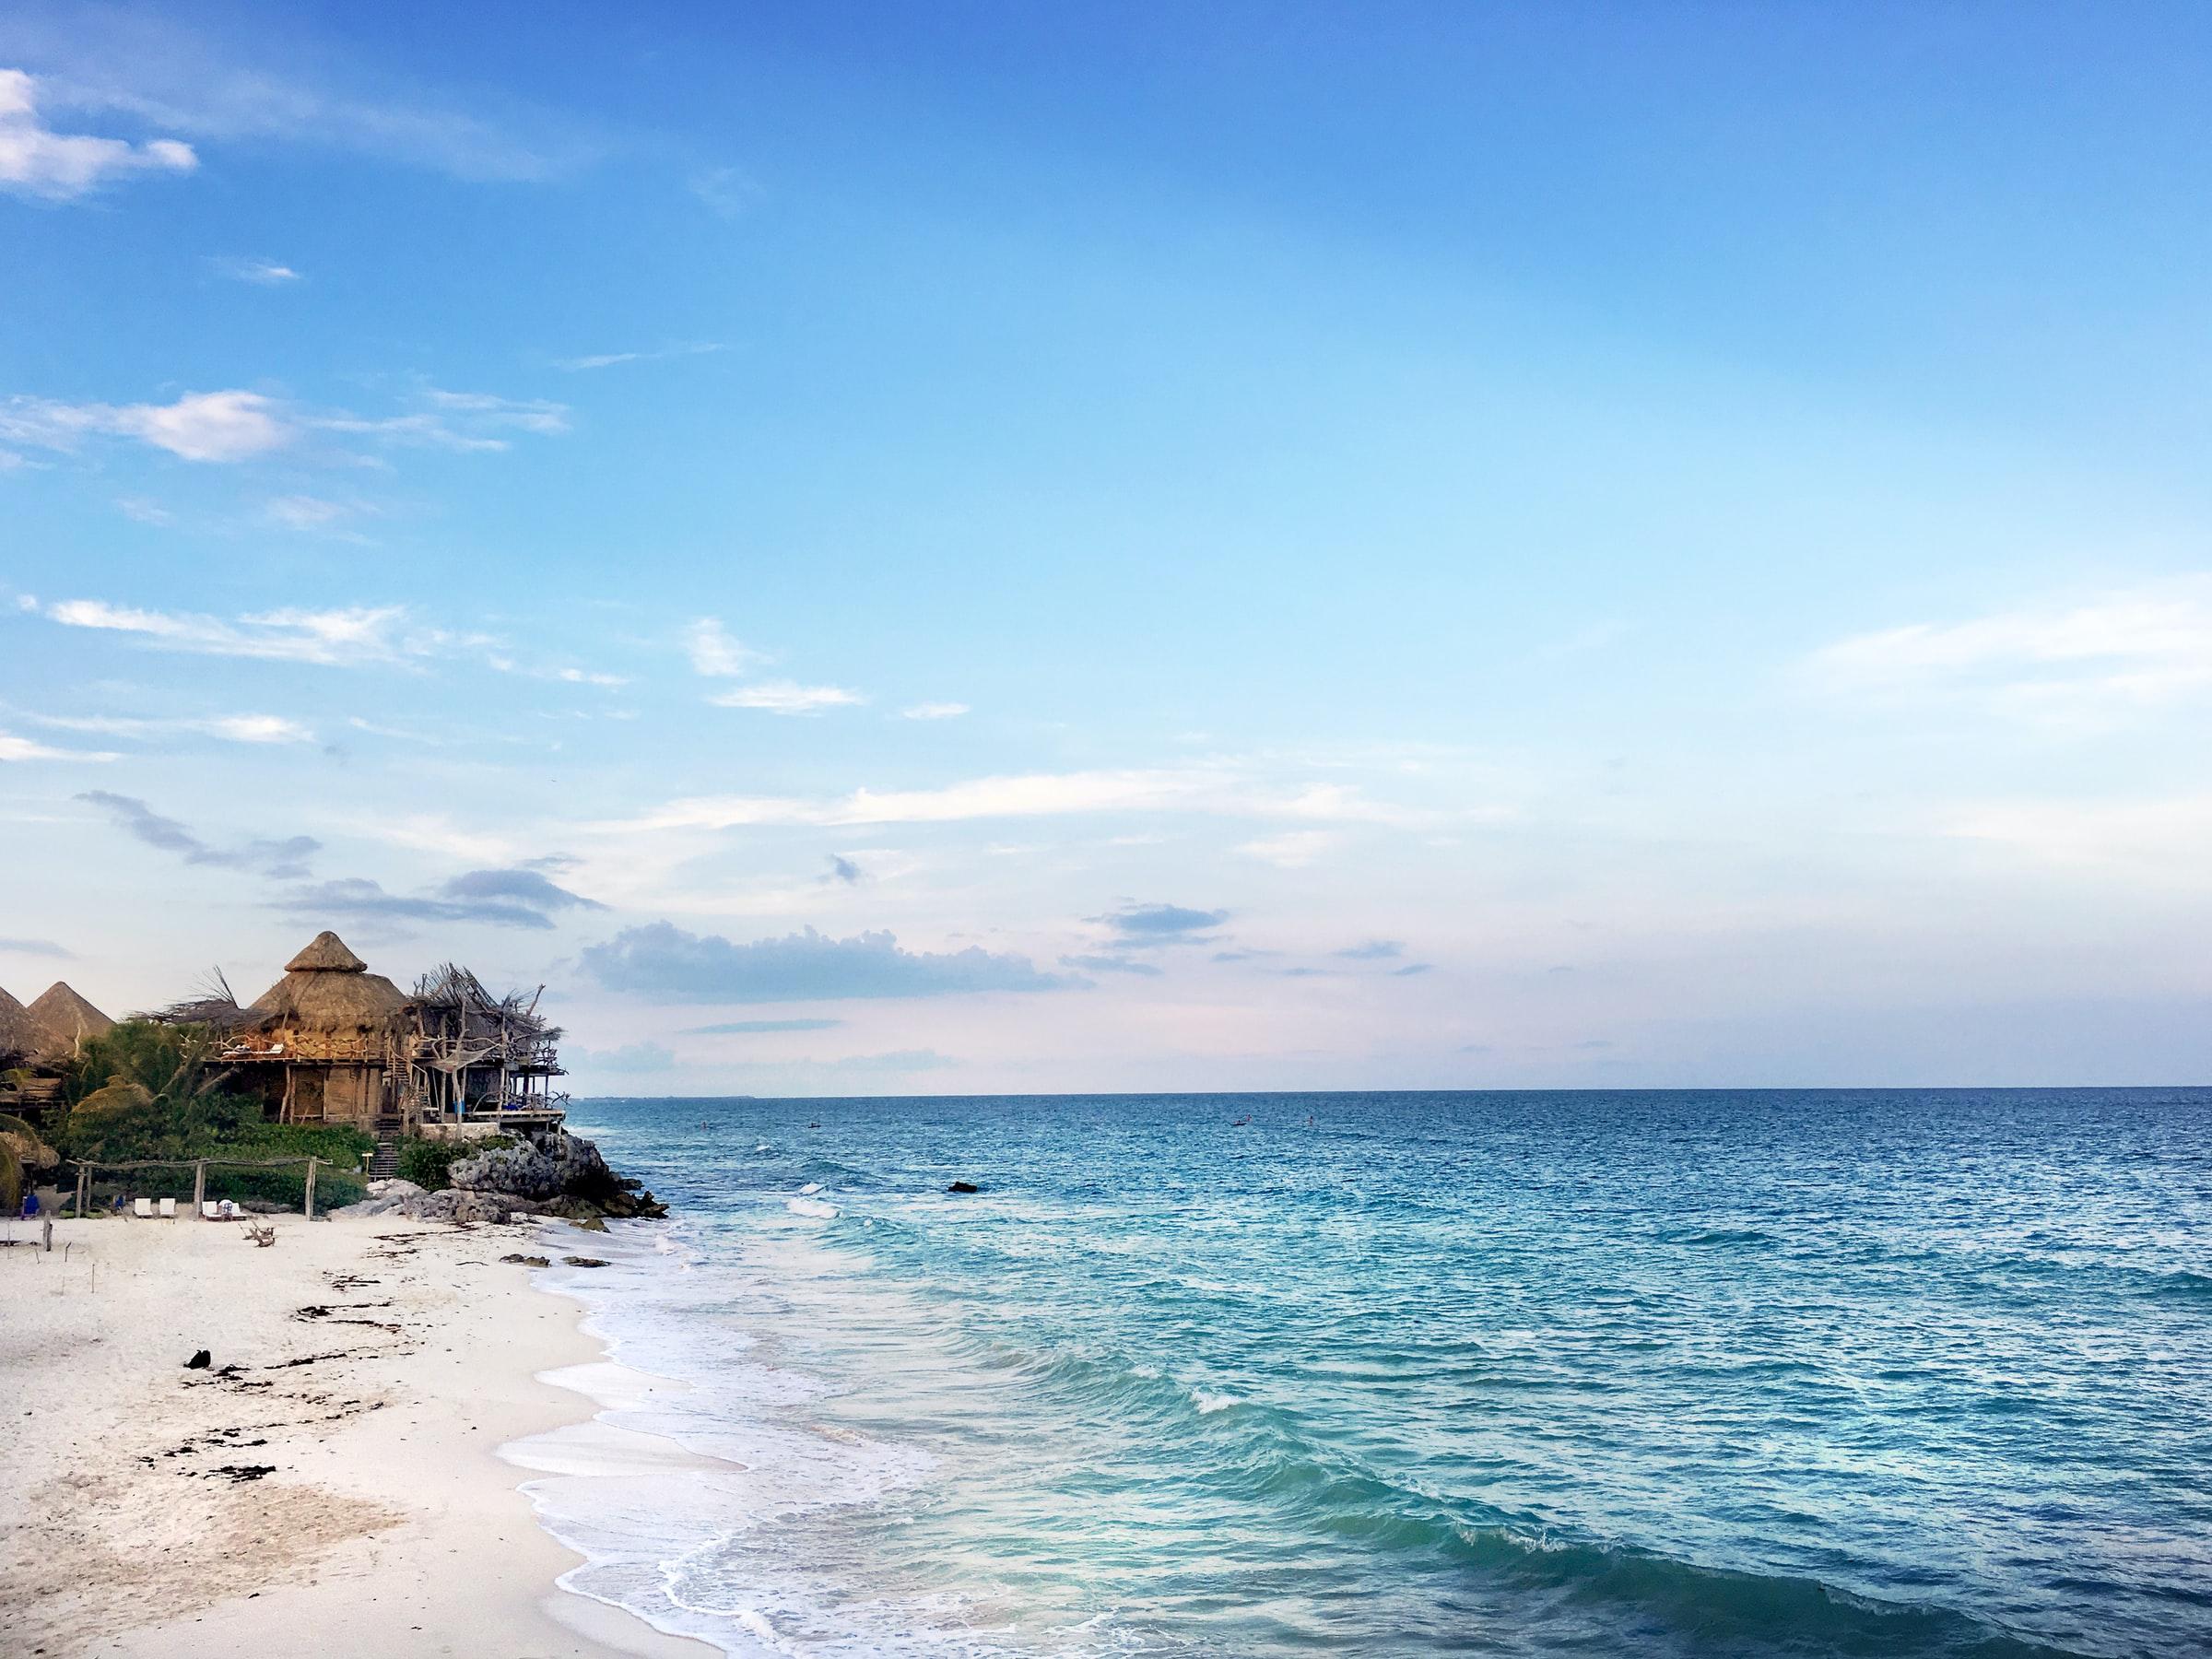 Karibikküste - Strand und Meer